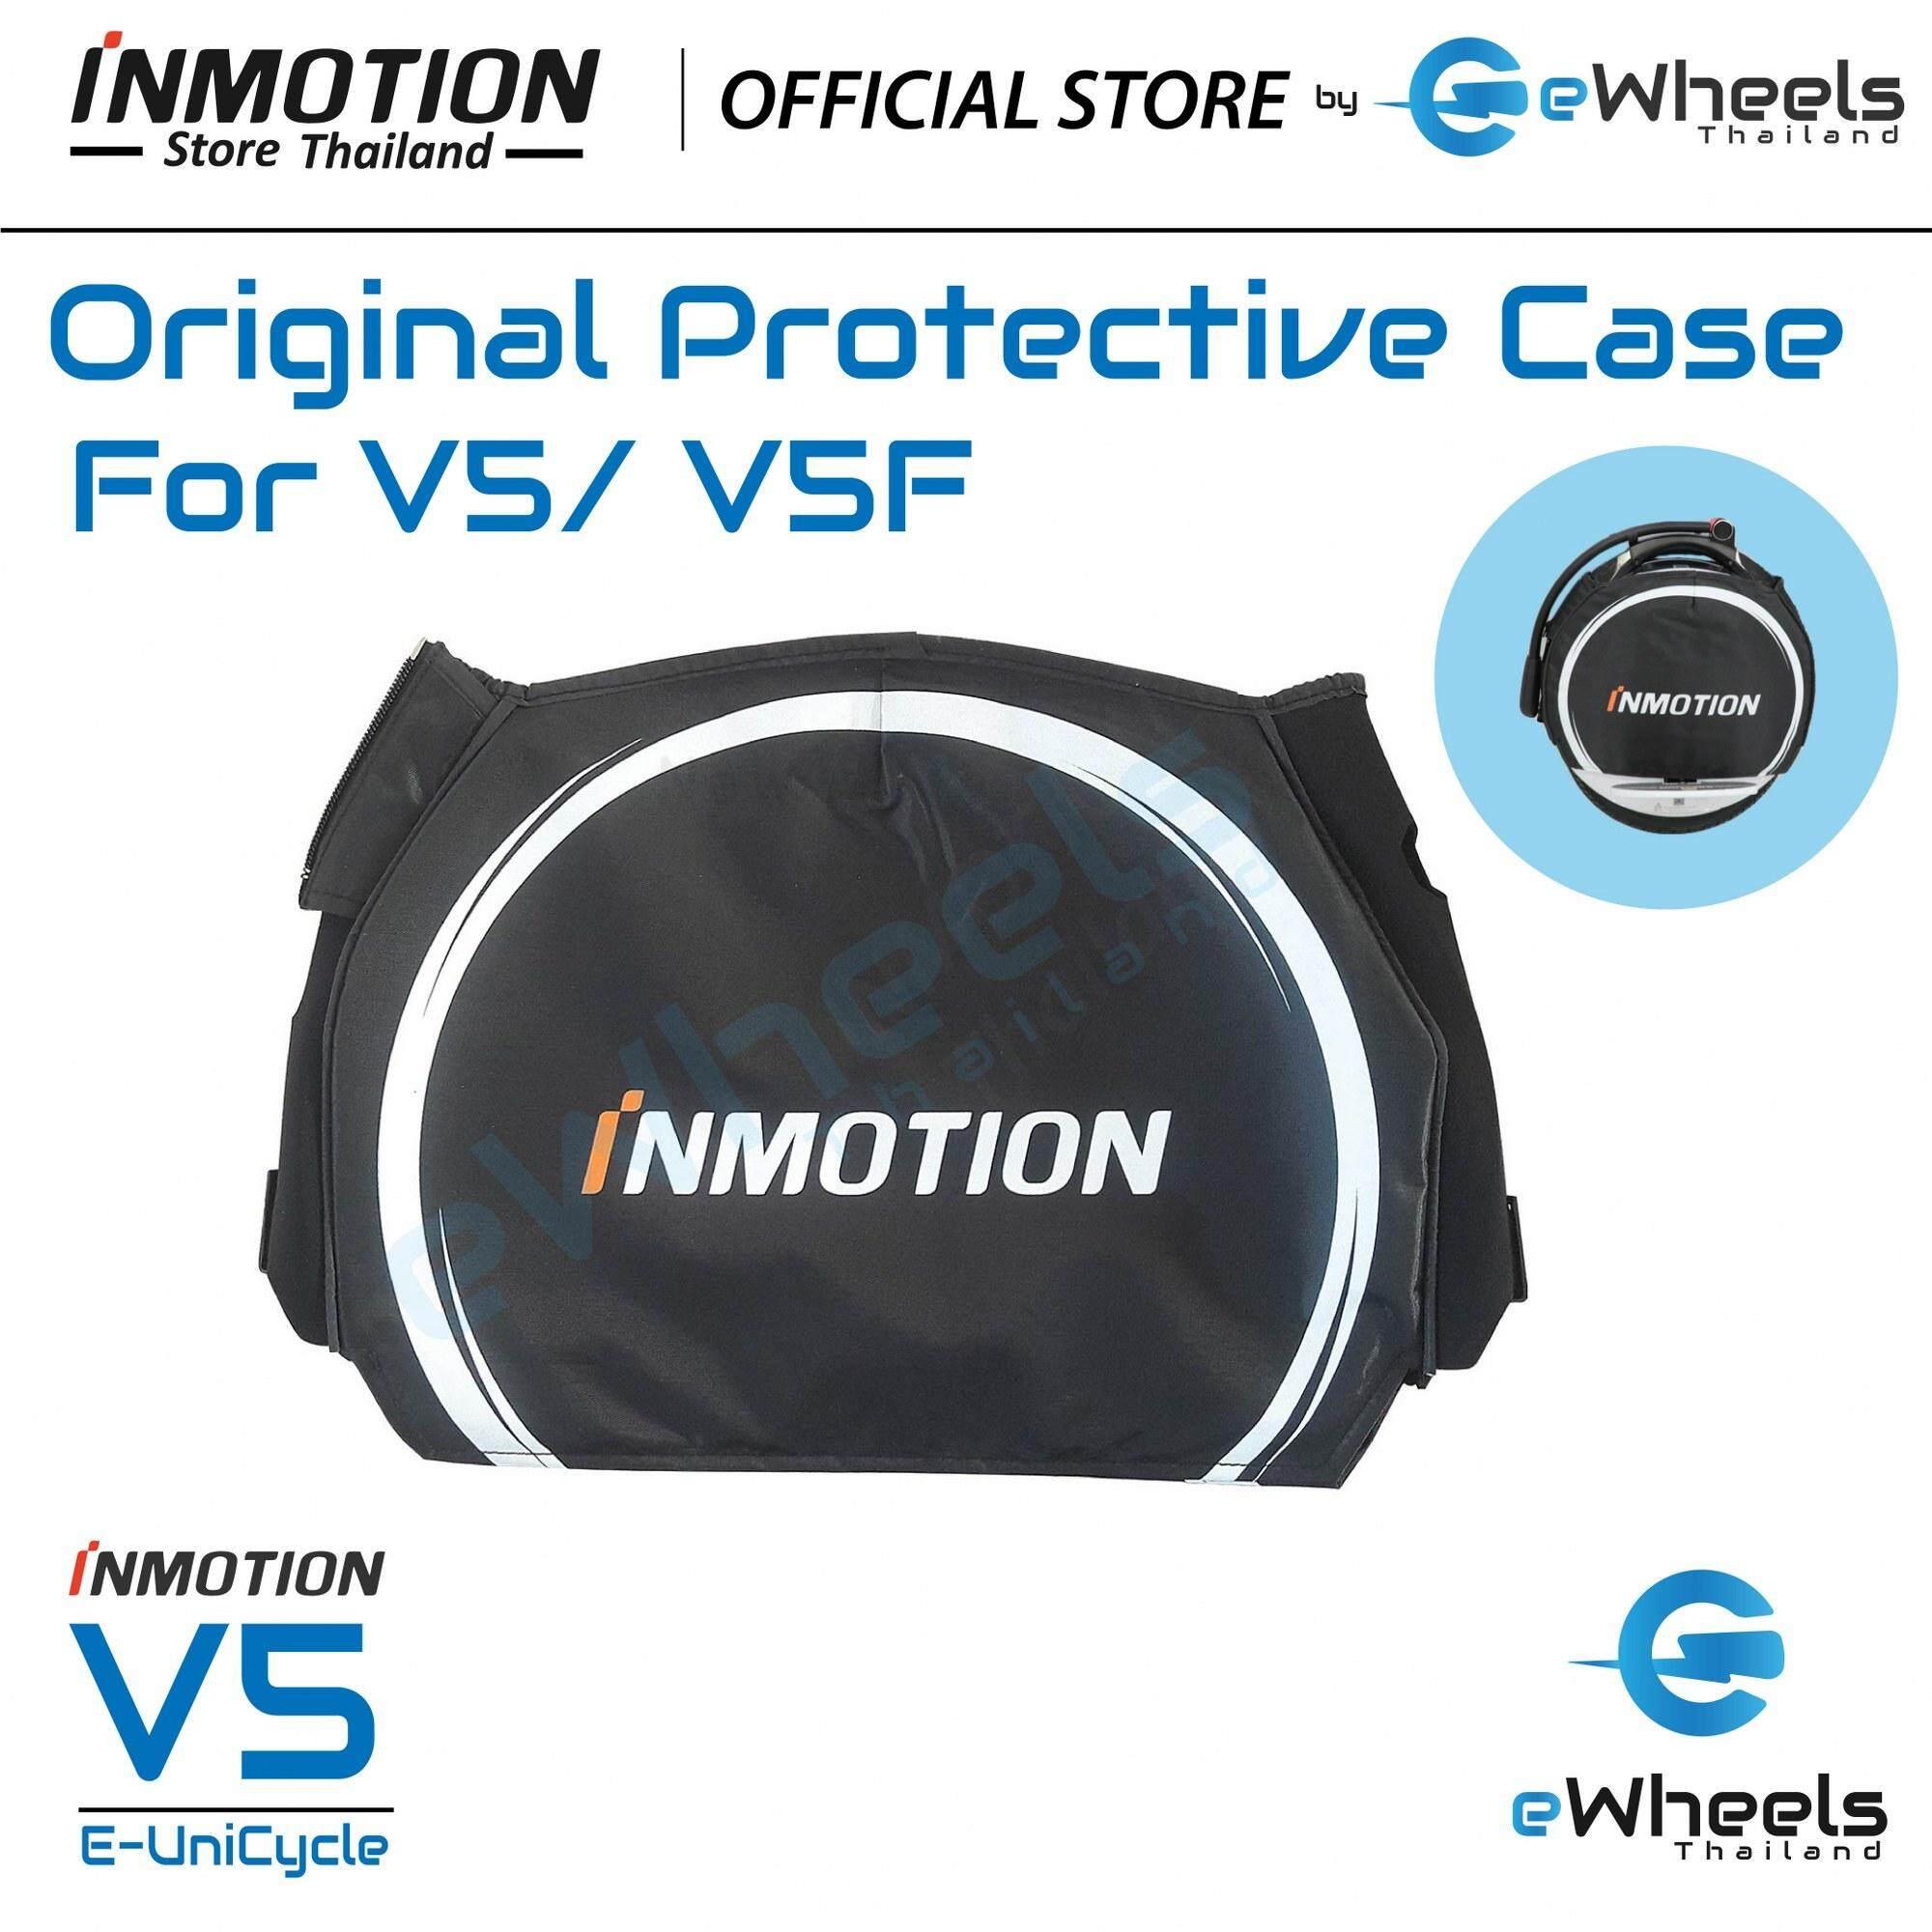 เคสกันกระแทก สำหรับ V5/v5f ของแท้ Original Inmotion V5/v5f Protective Case By Inmotion Thailand (by Ewheels Thailand).